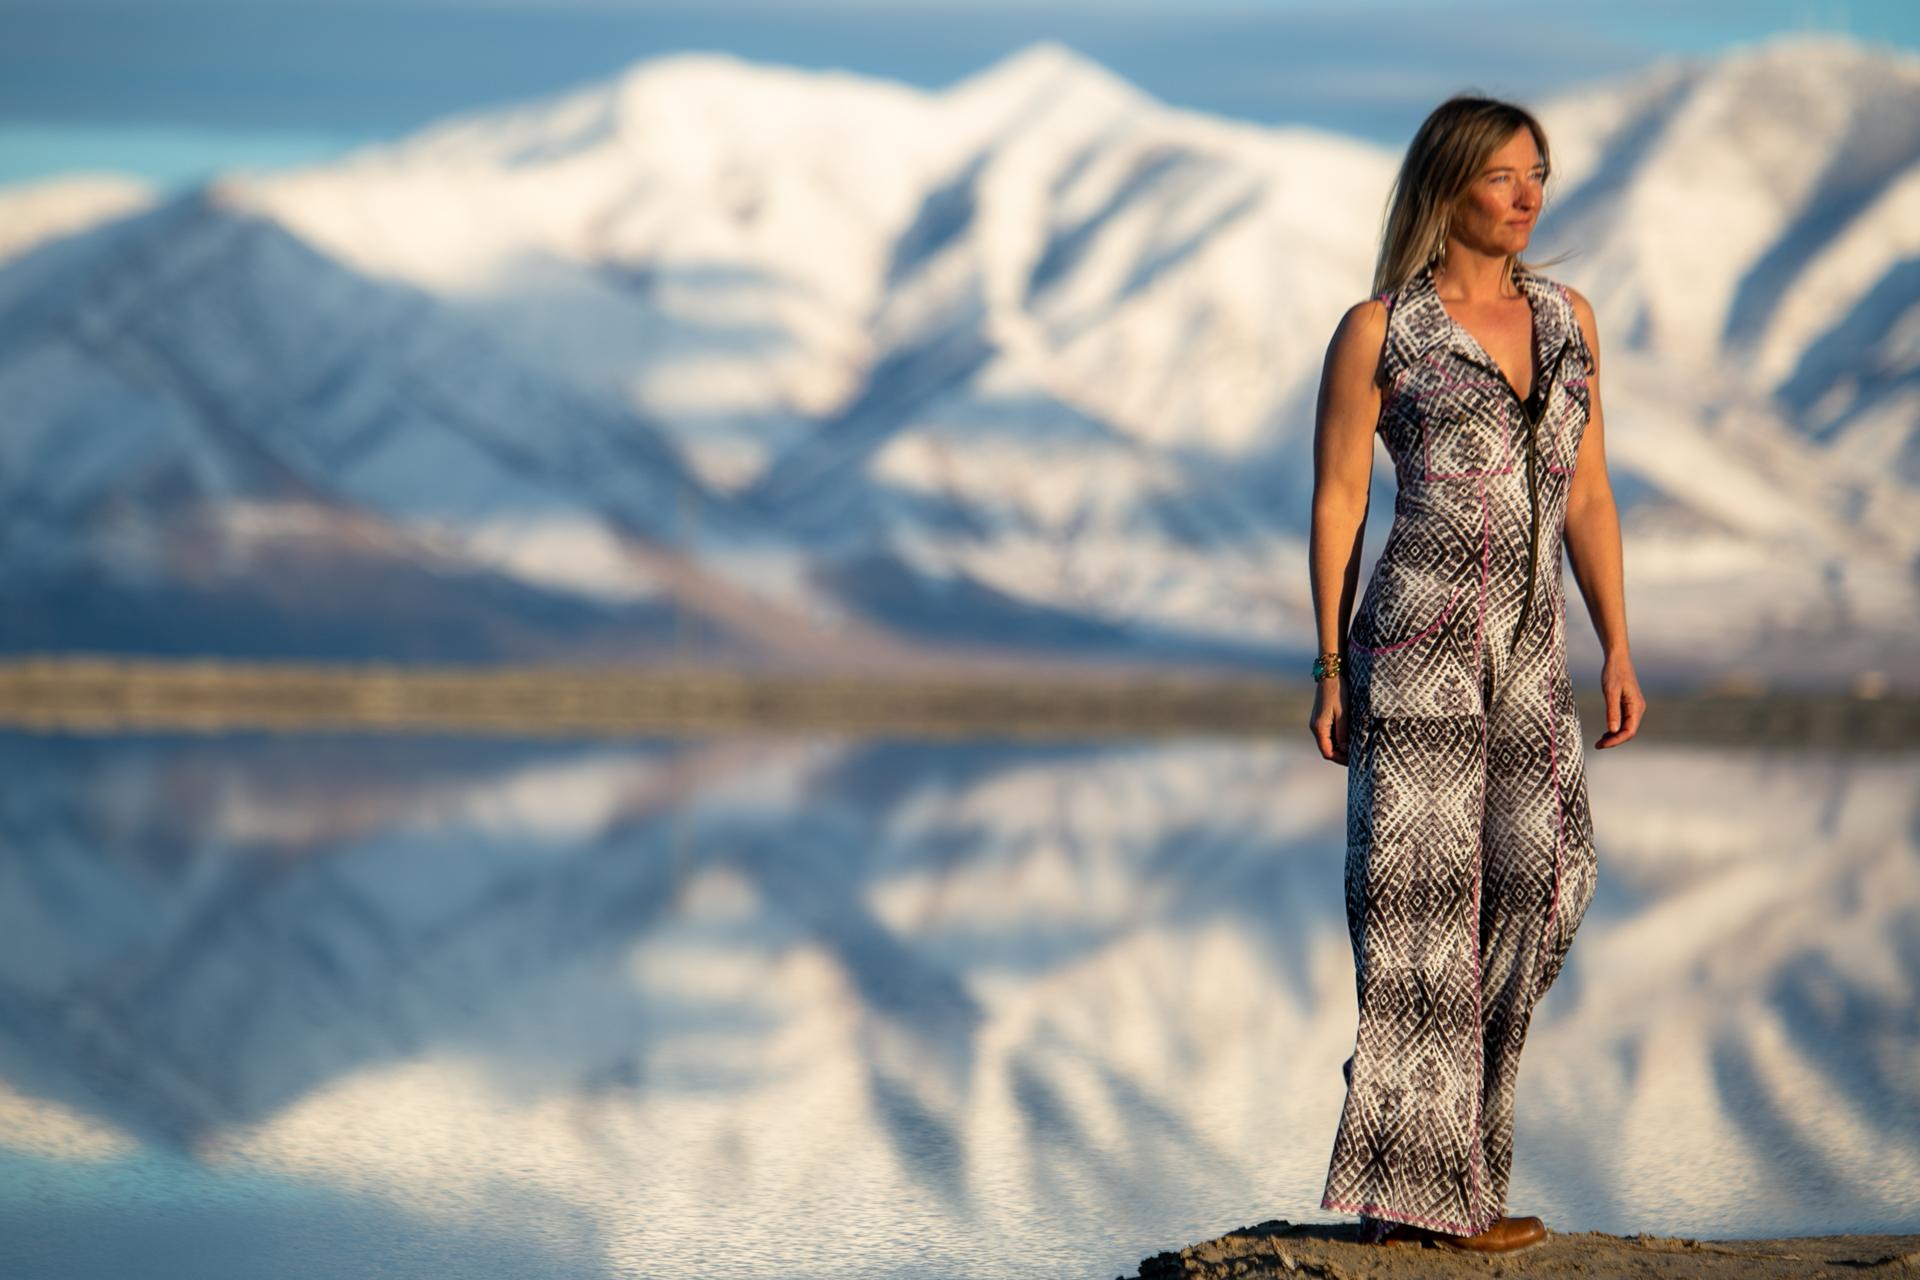 Fashion Designer Autumn Teneyl looking boho chic wearing a tie dye onesie handmade in Colorado.